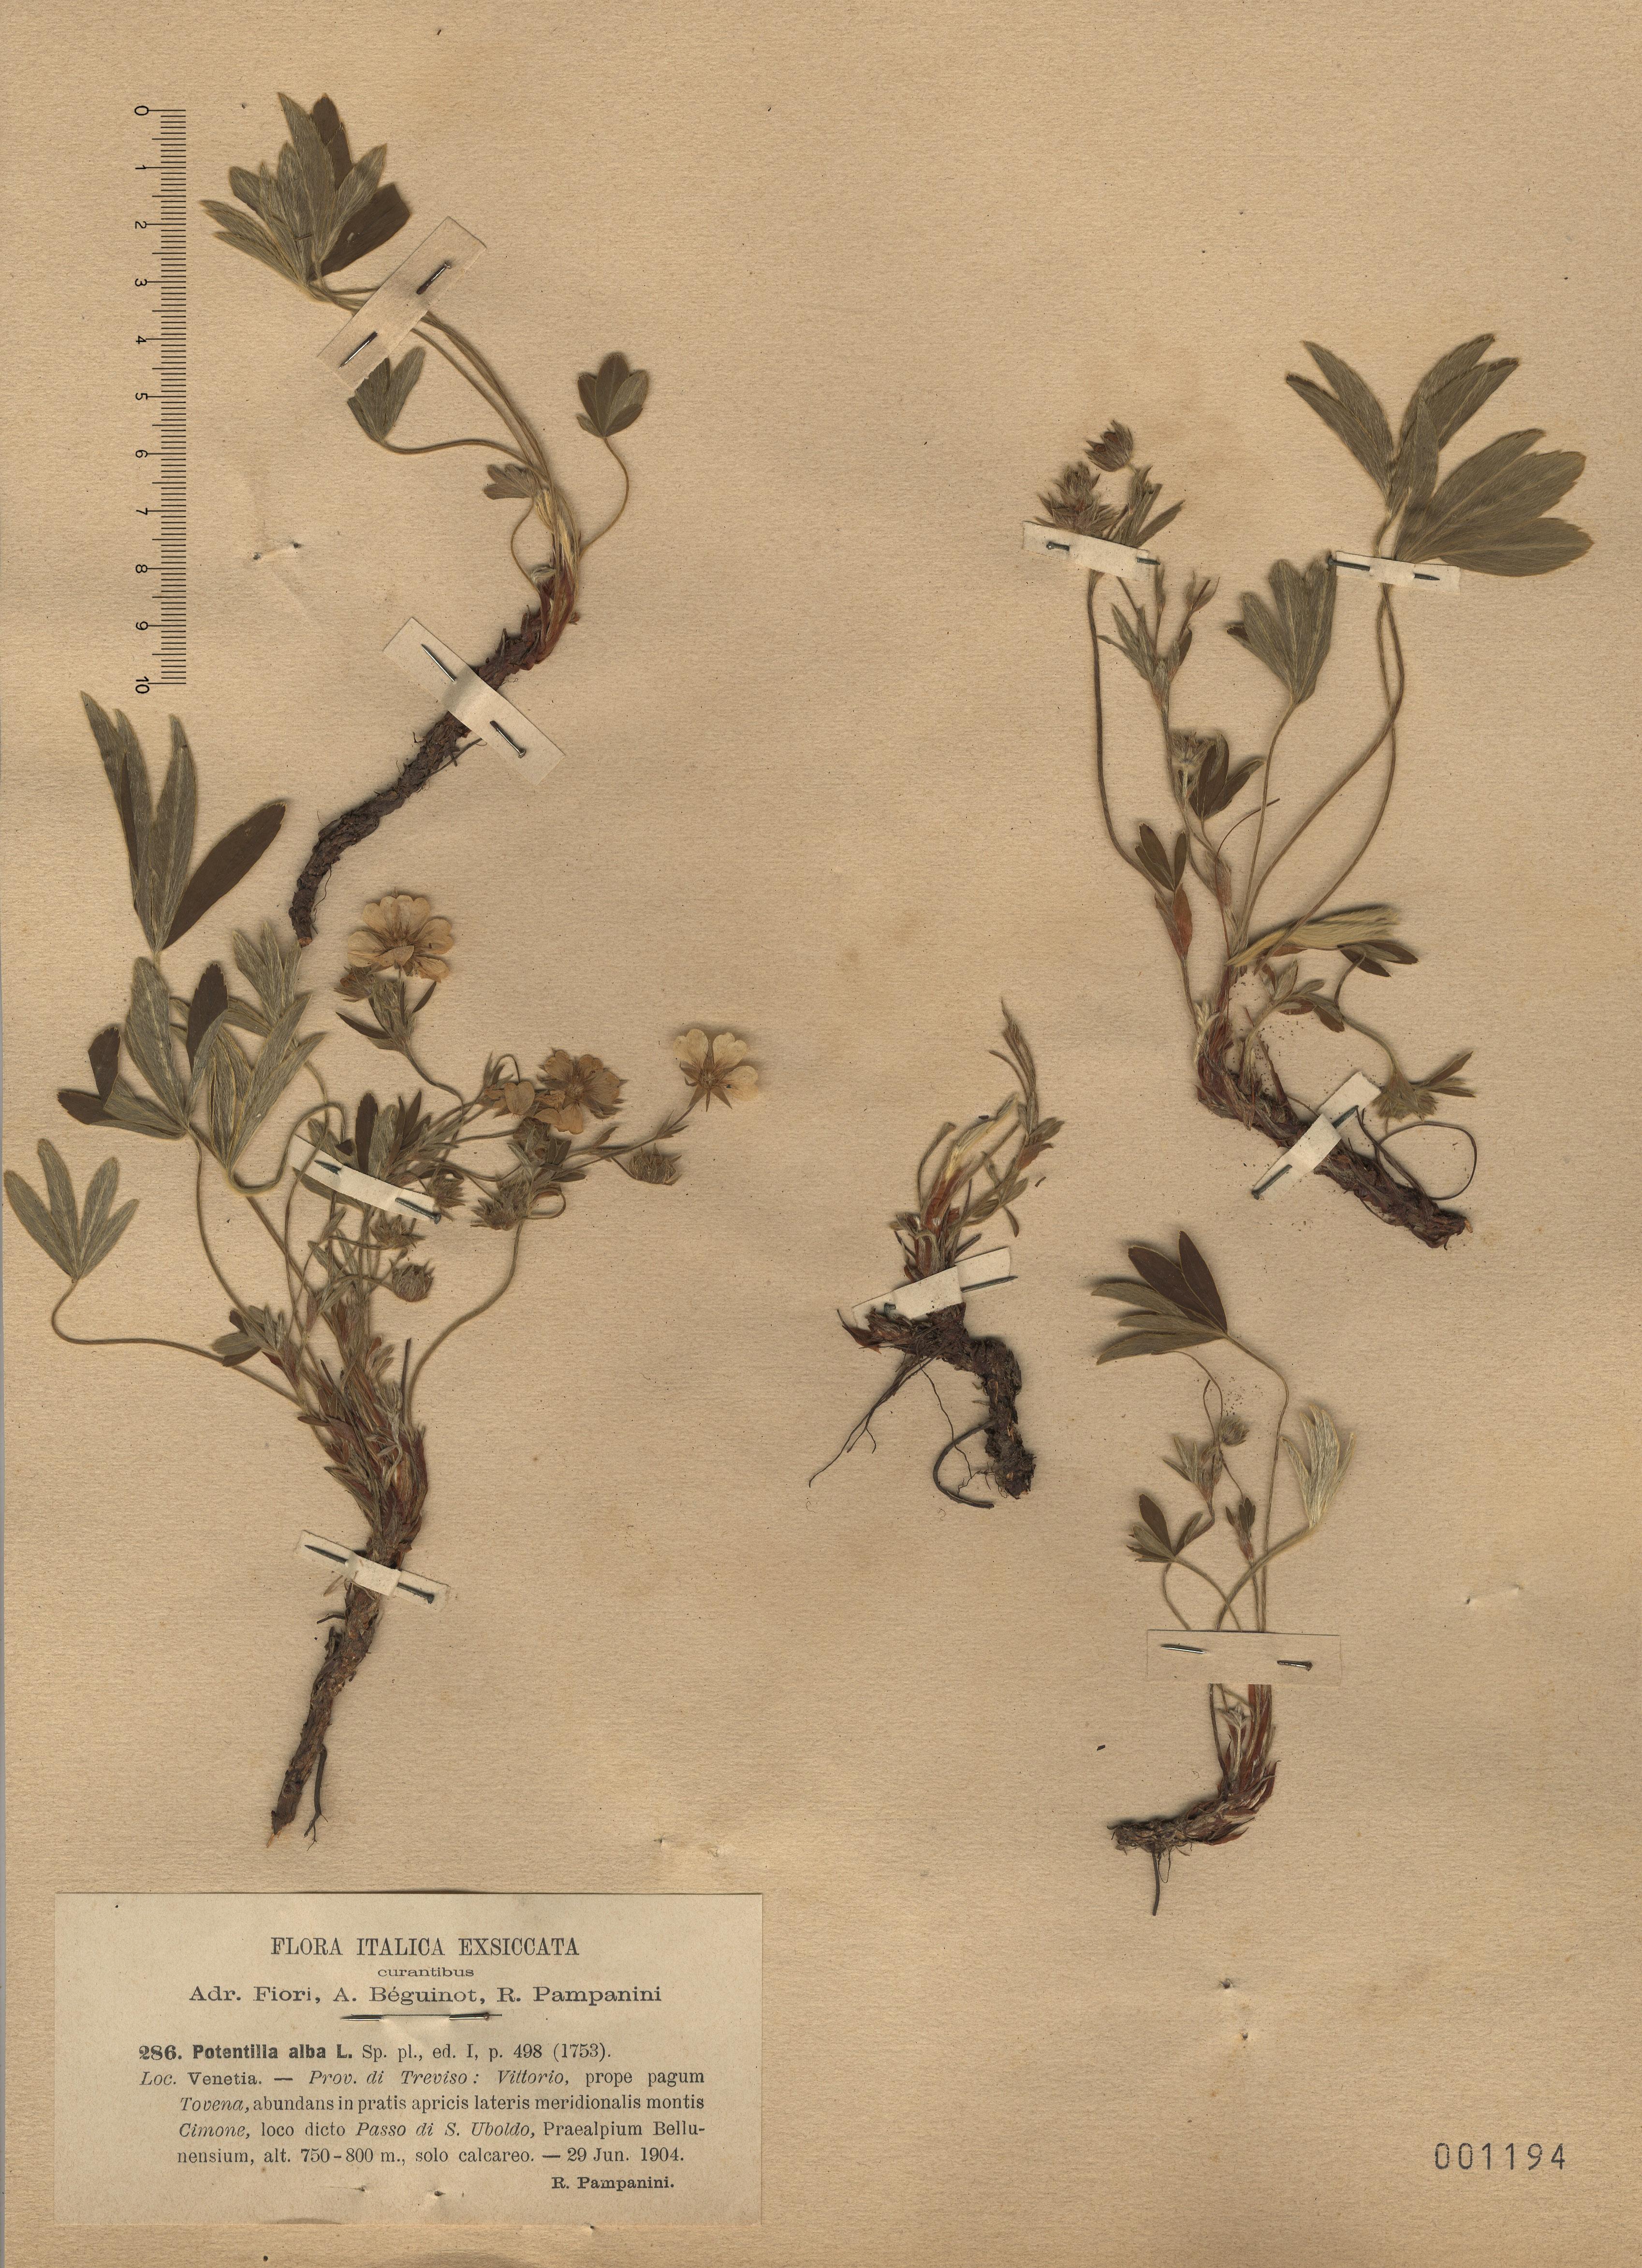 © Hortus Botanicus Catinensis - Herb. sheet 001194<br>